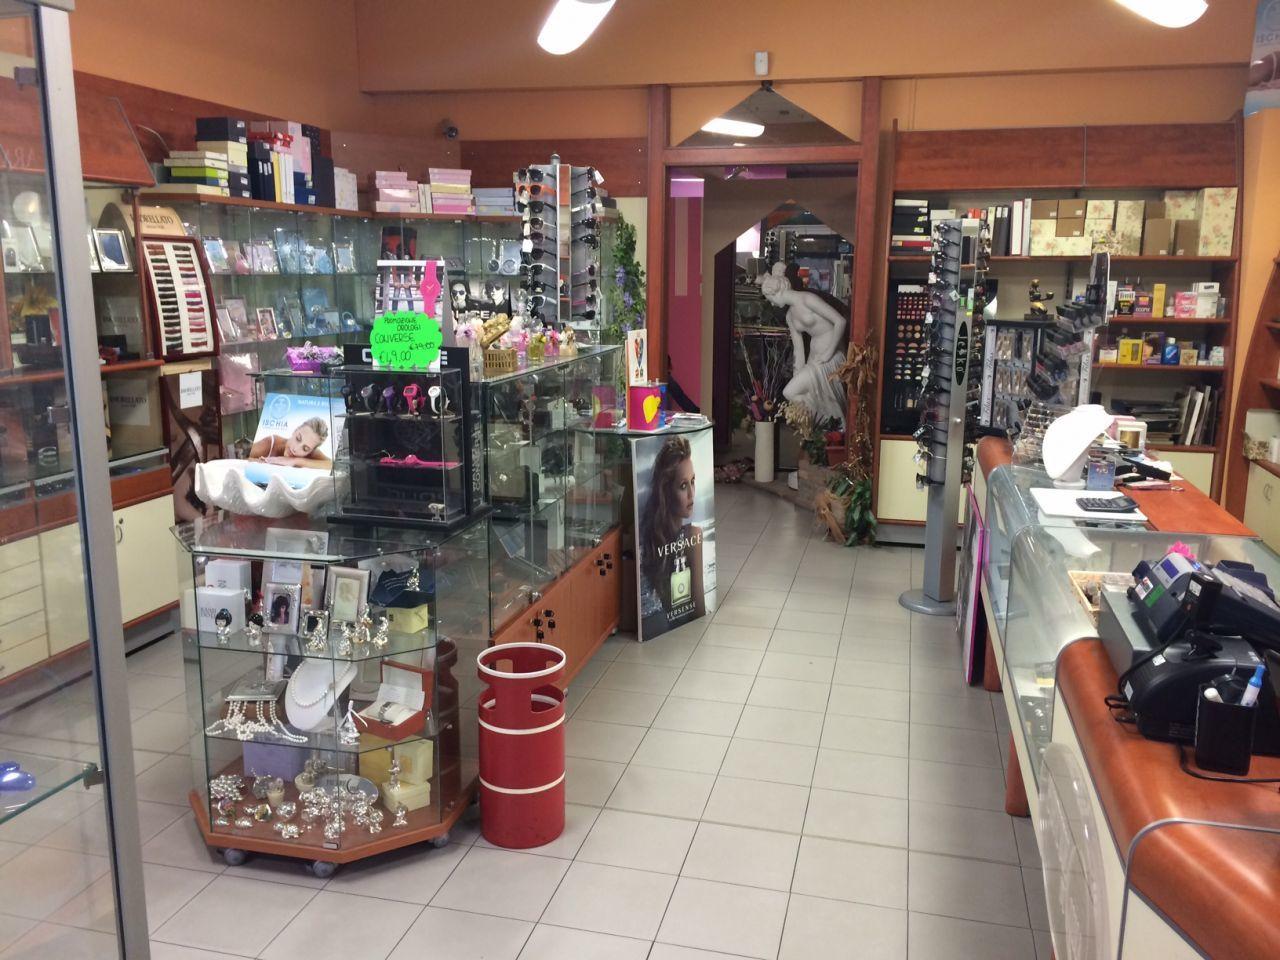 Locale commerciale - 2 Vetrine a Collecchio